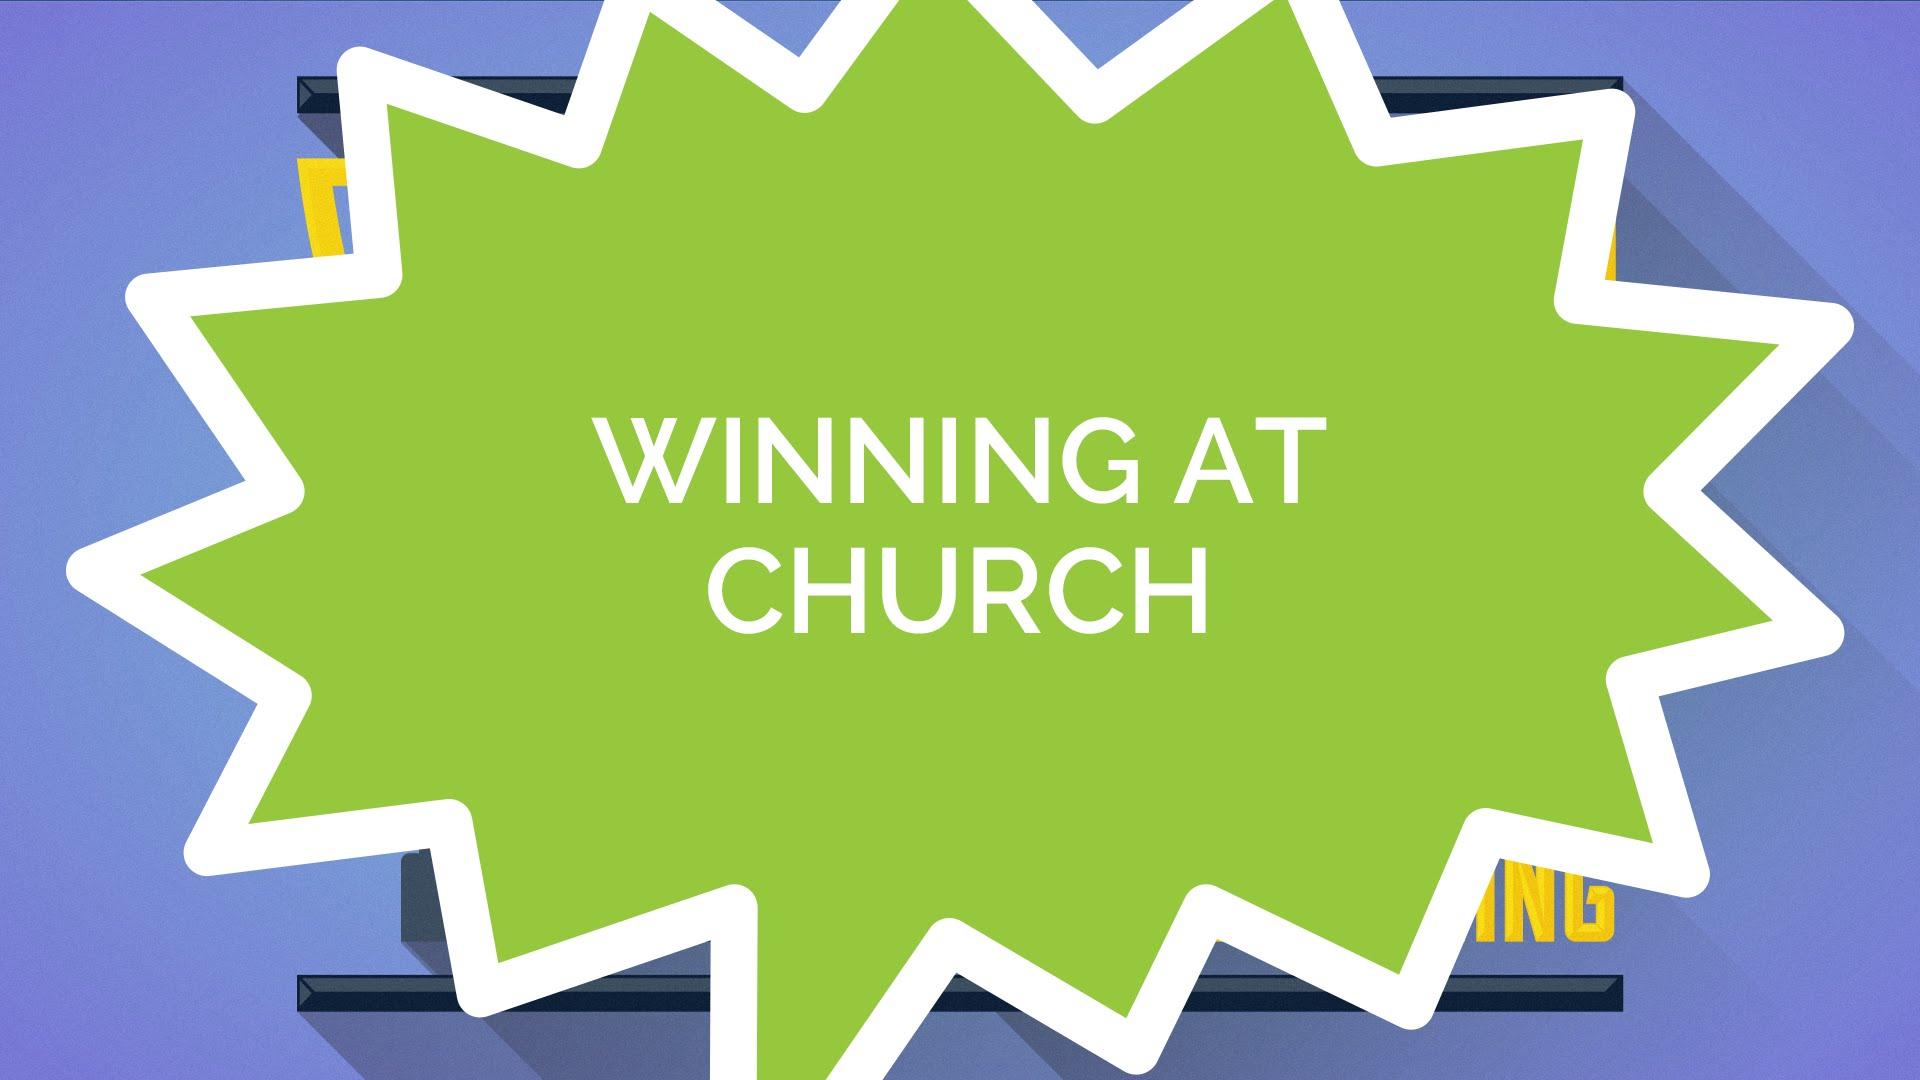 教会で勝つ| すべてで勝つ方法#1(子供)